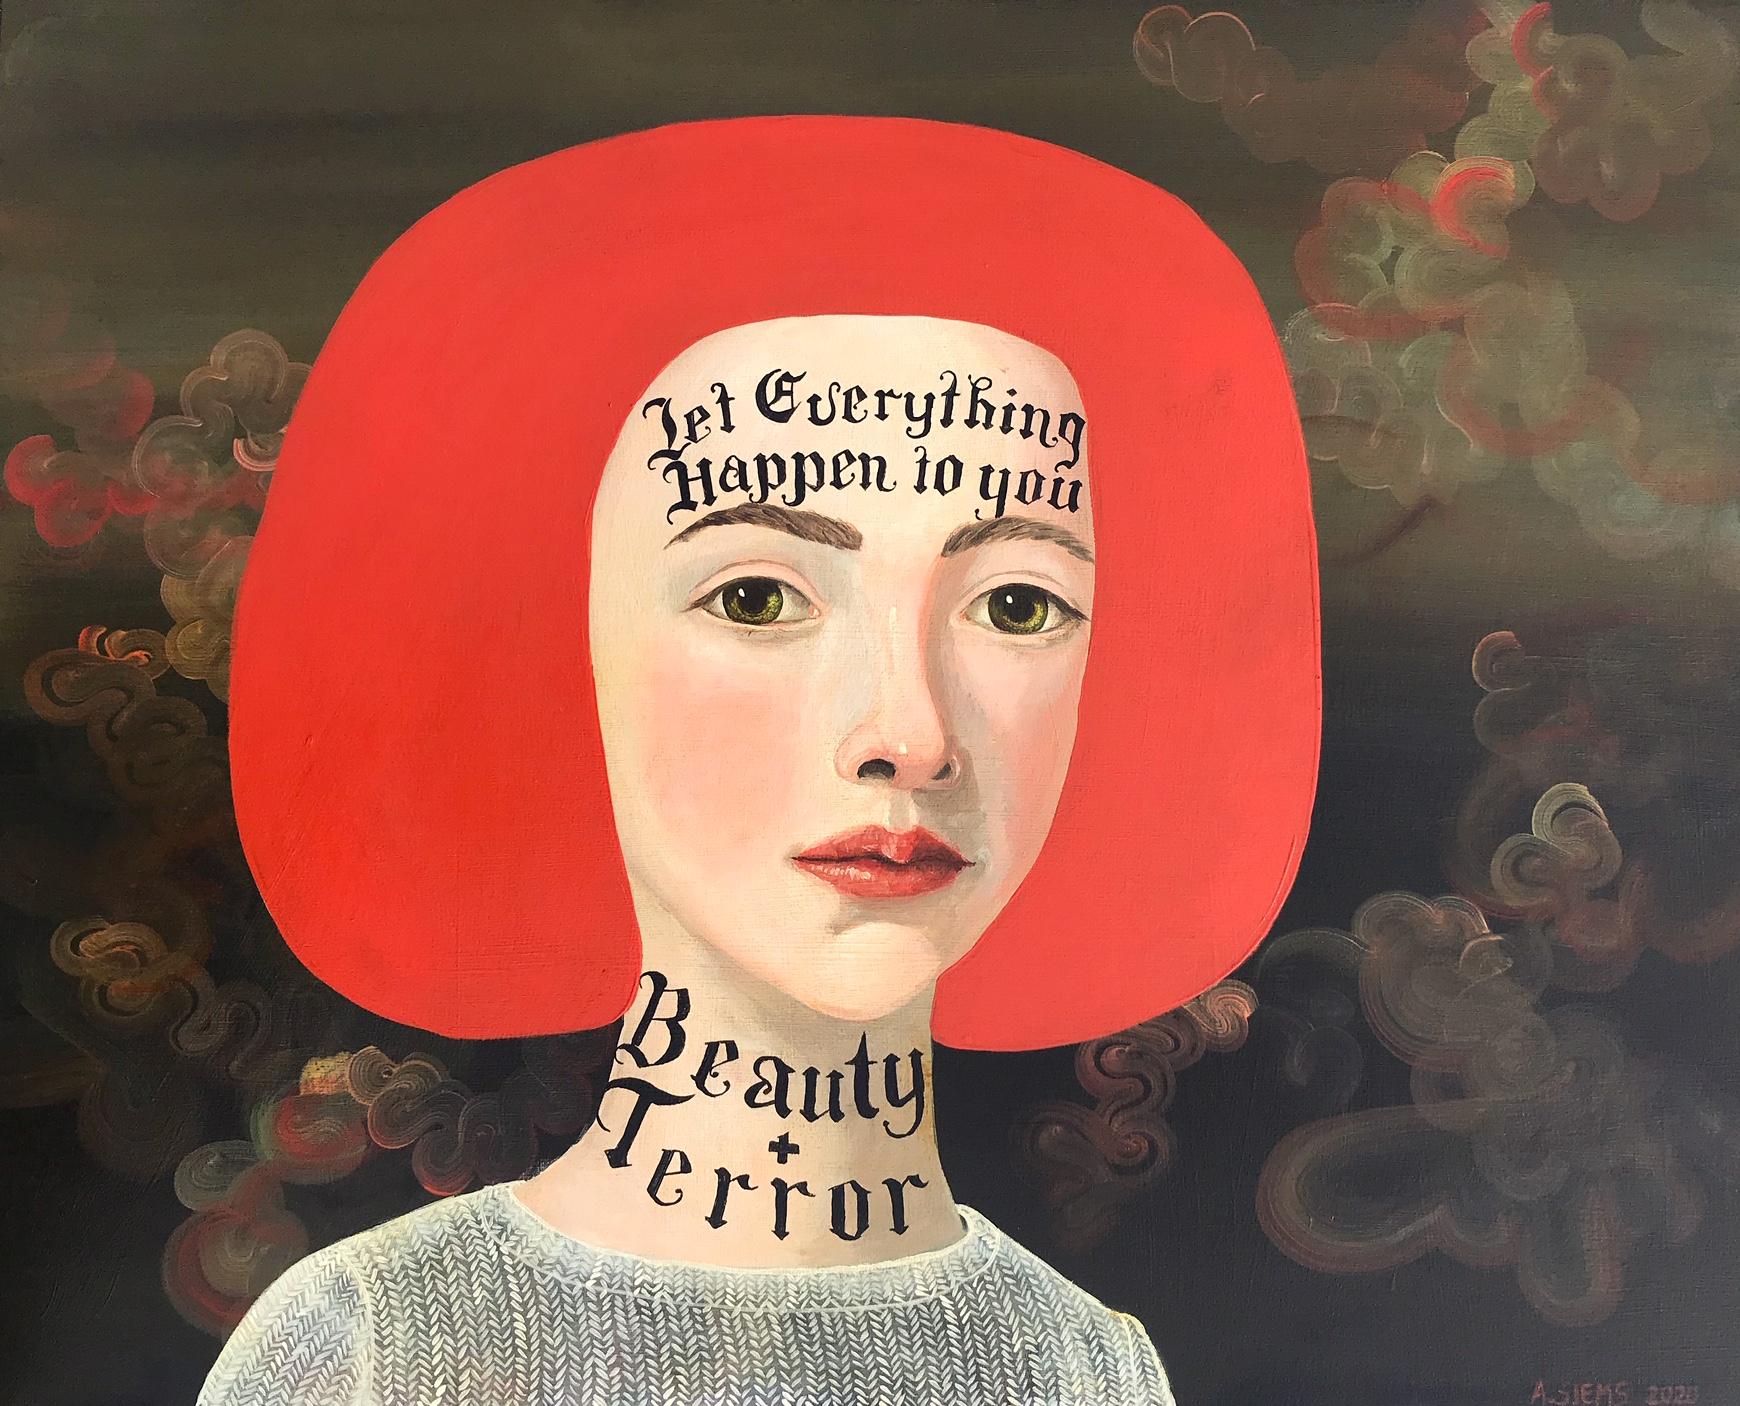 Beauty & Terror (30x24_)